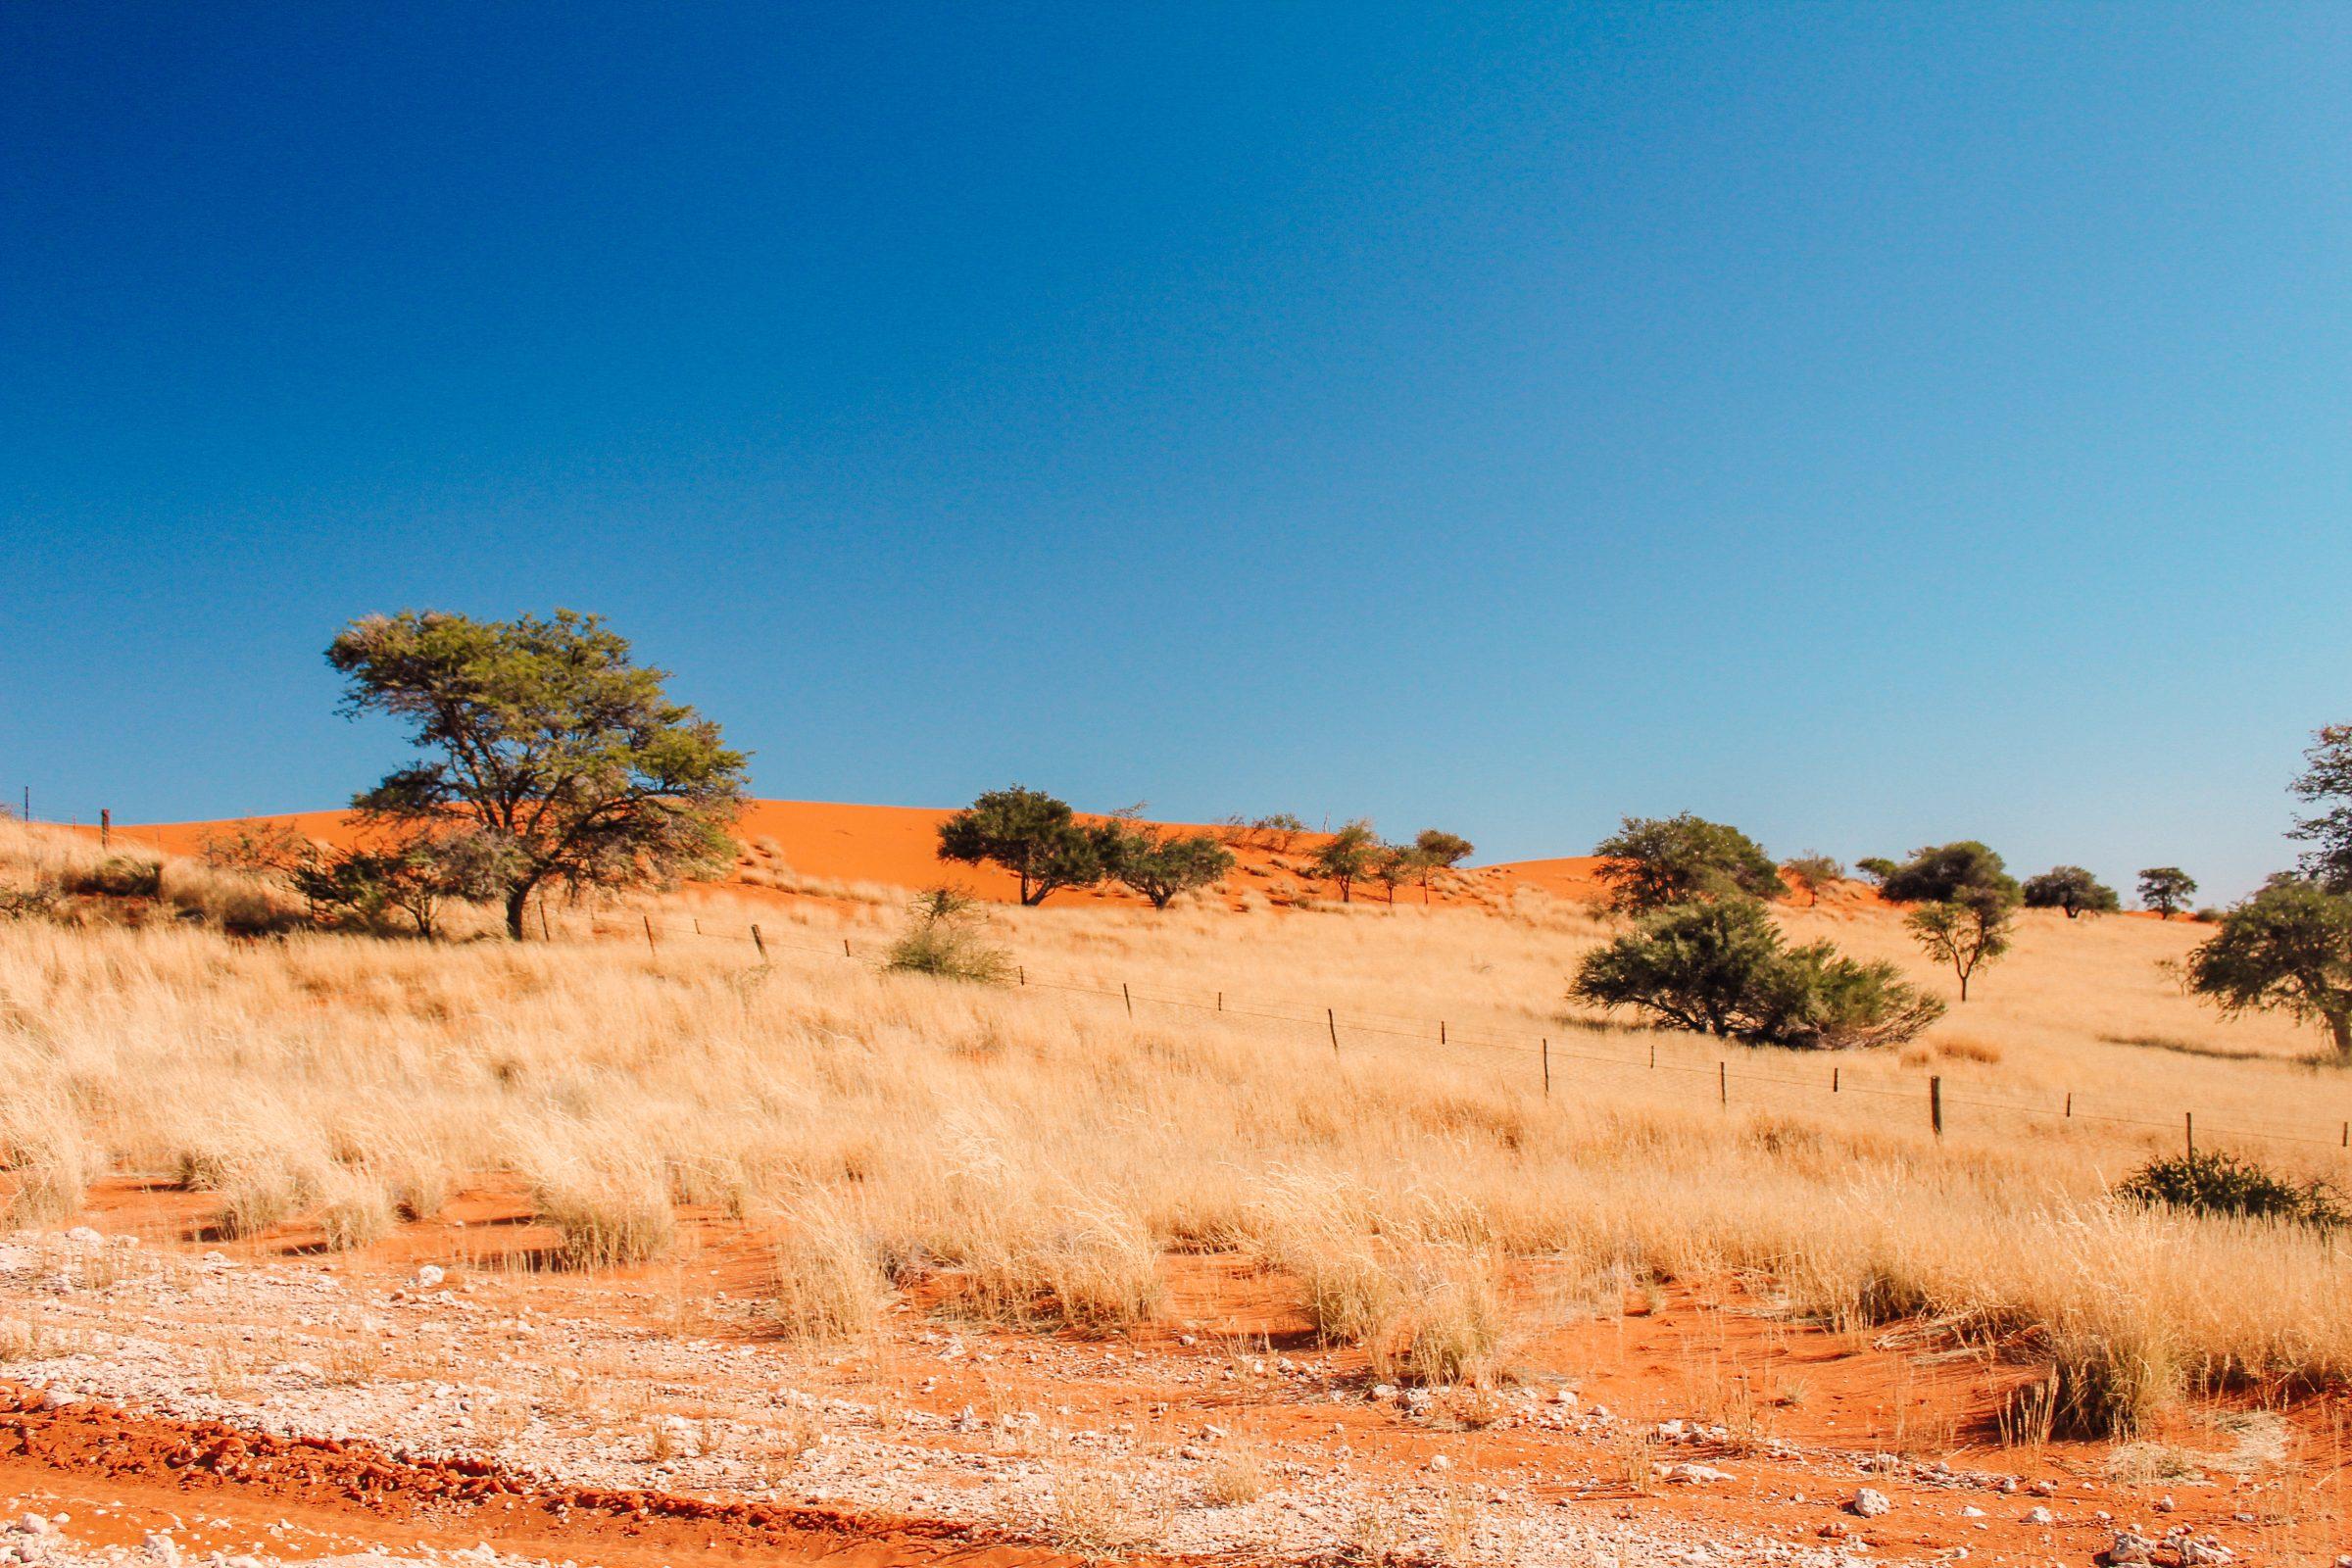 Het bekende oranje zand van de Kalahari woestijn